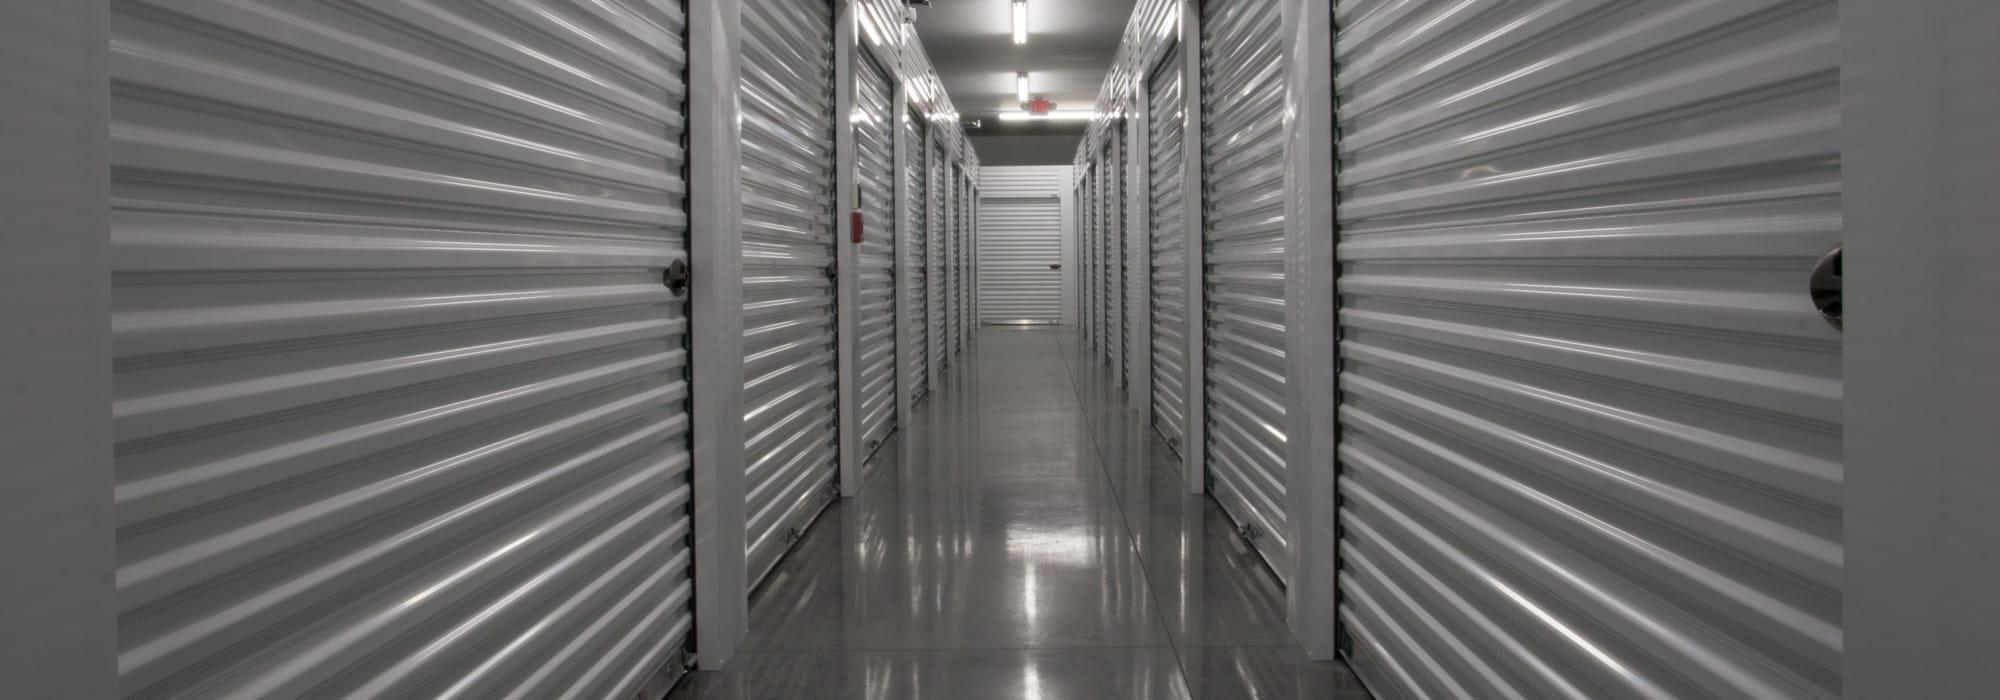 Self storage in Pinson AL